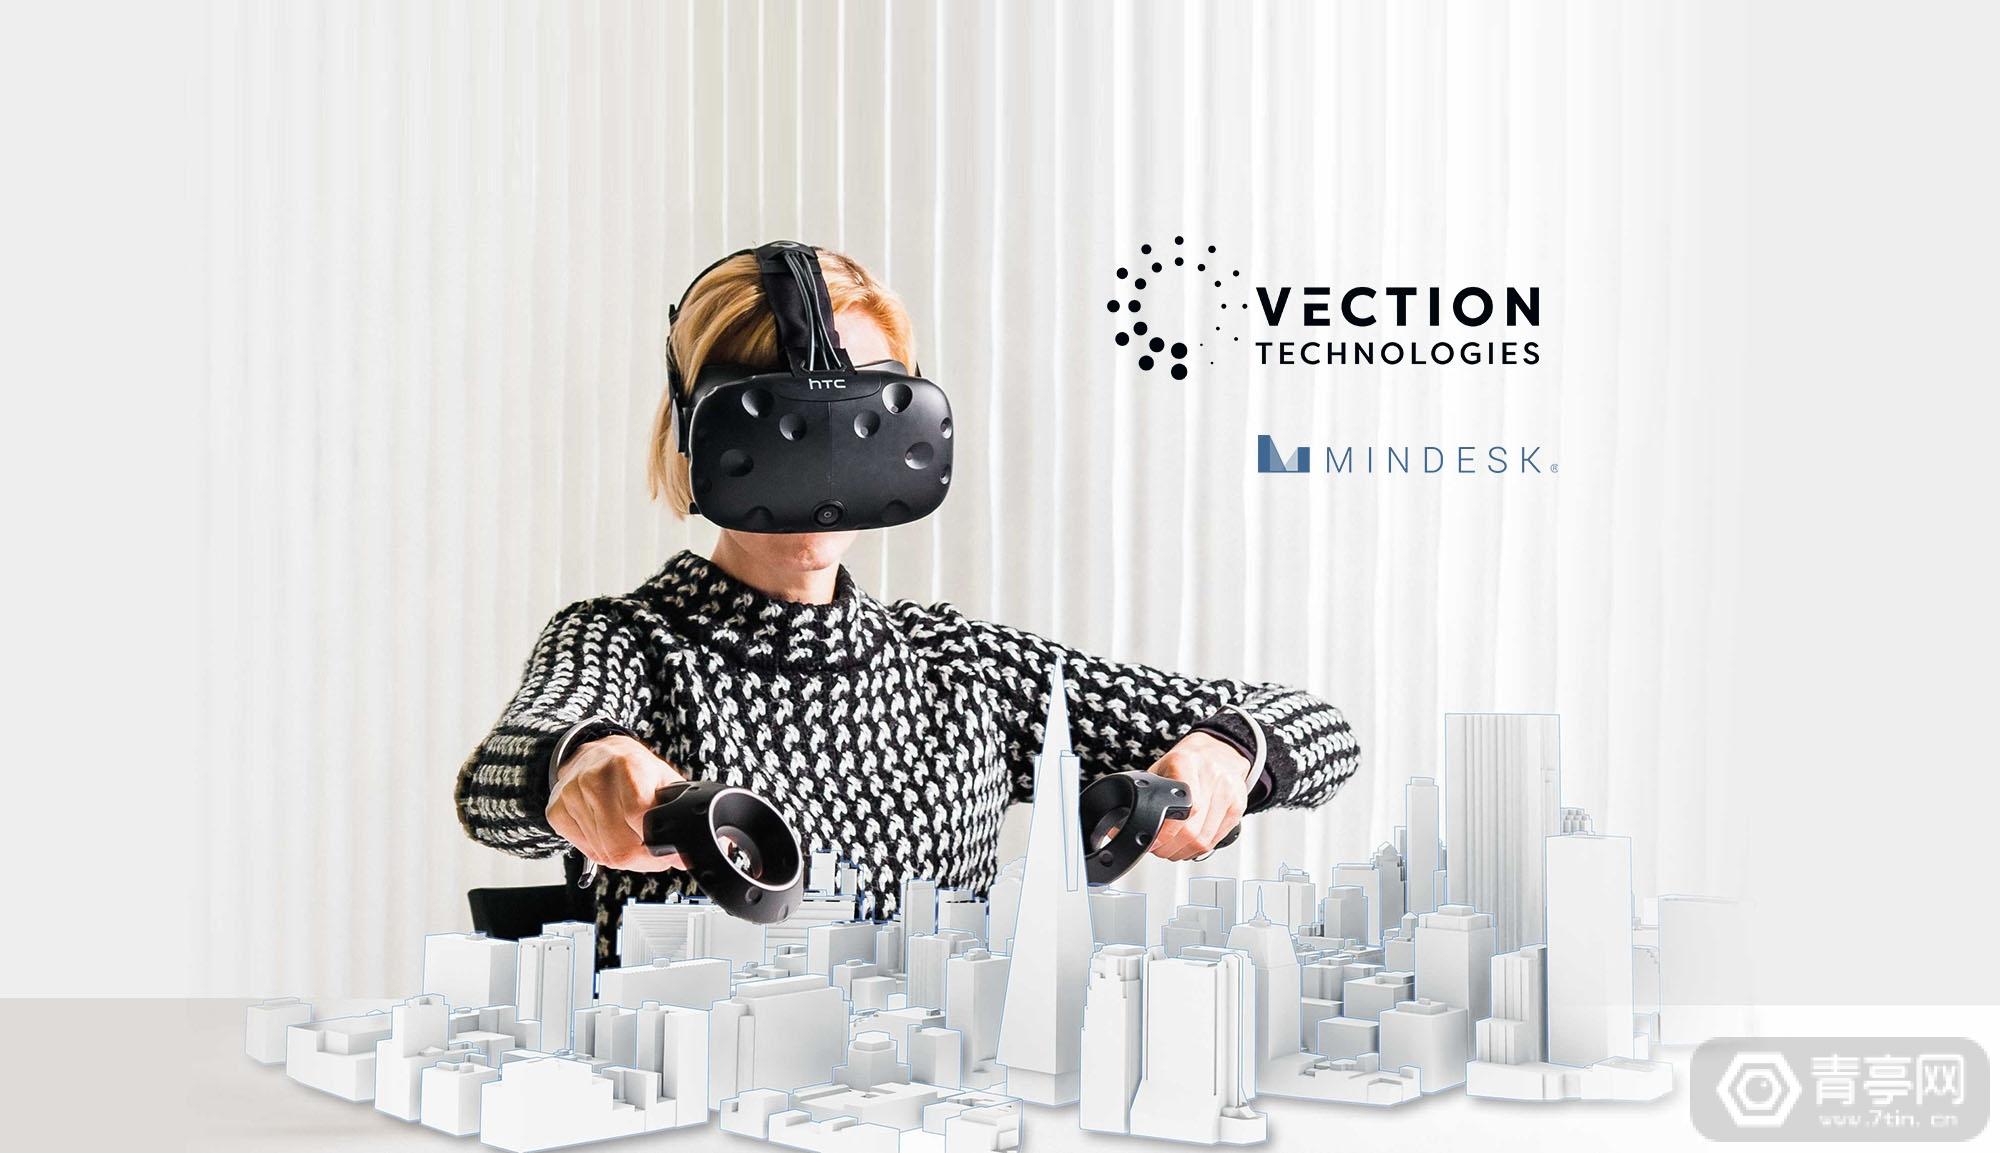 规模330万美元,Vection收购AR/VR CAD实时协作平台Mindesk